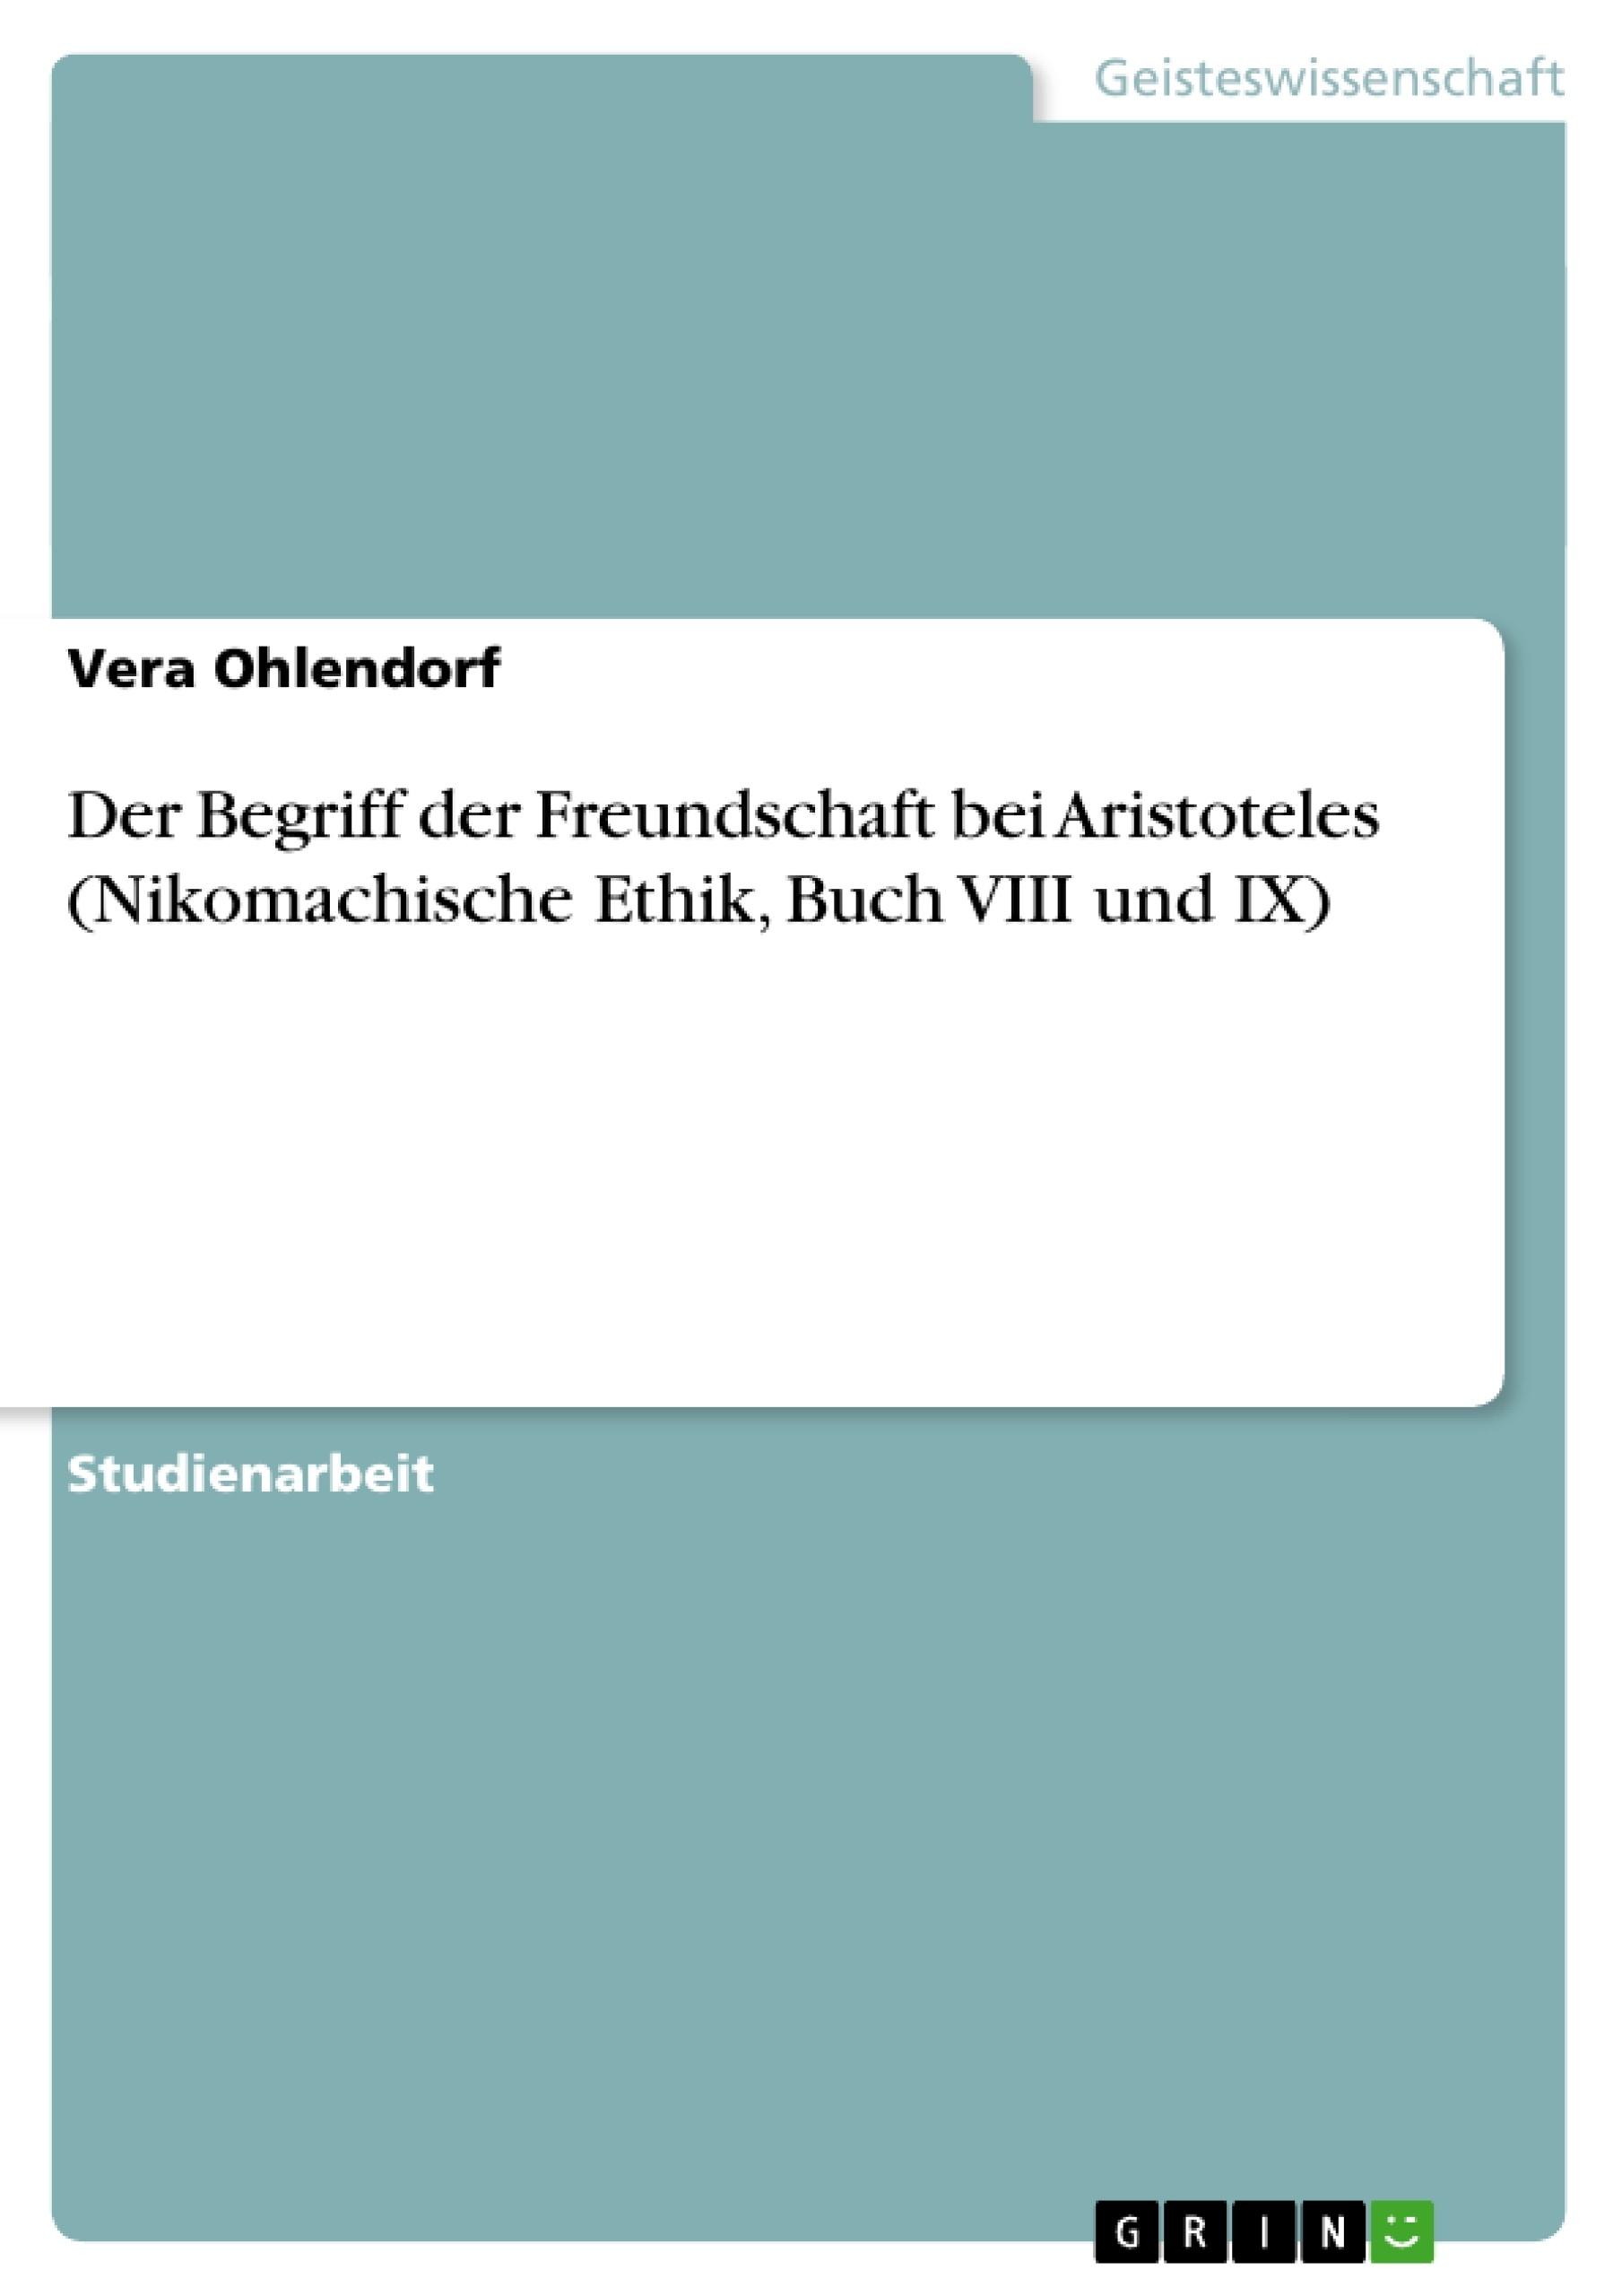 Titel: Der Begriff der Freundschaft bei Aristoteles (Nikomachische Ethik, Buch VIII und IX)